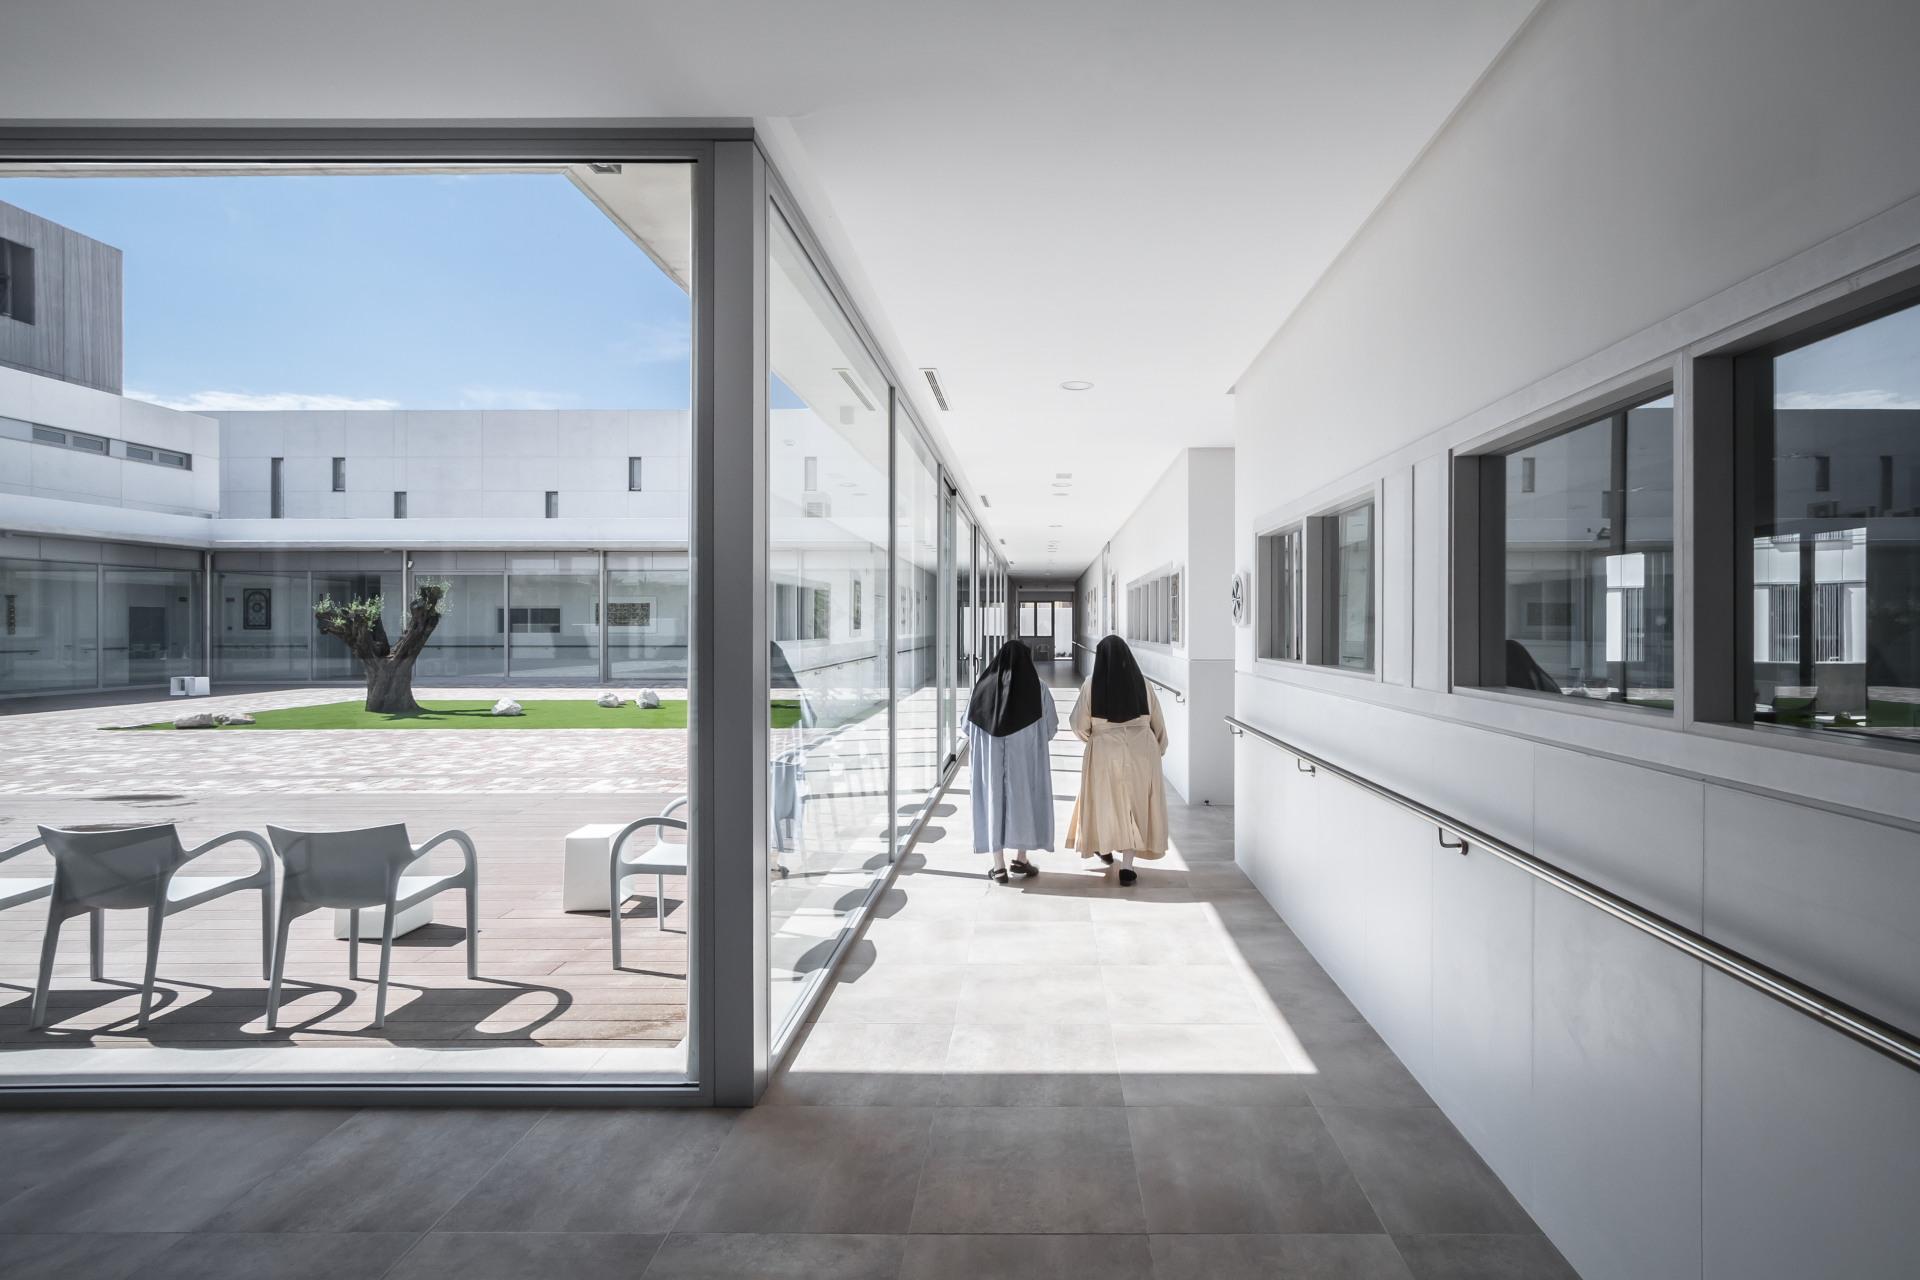 fotografia-arquitectura-valencia-german-cabo-hernandez-monasterio (22)